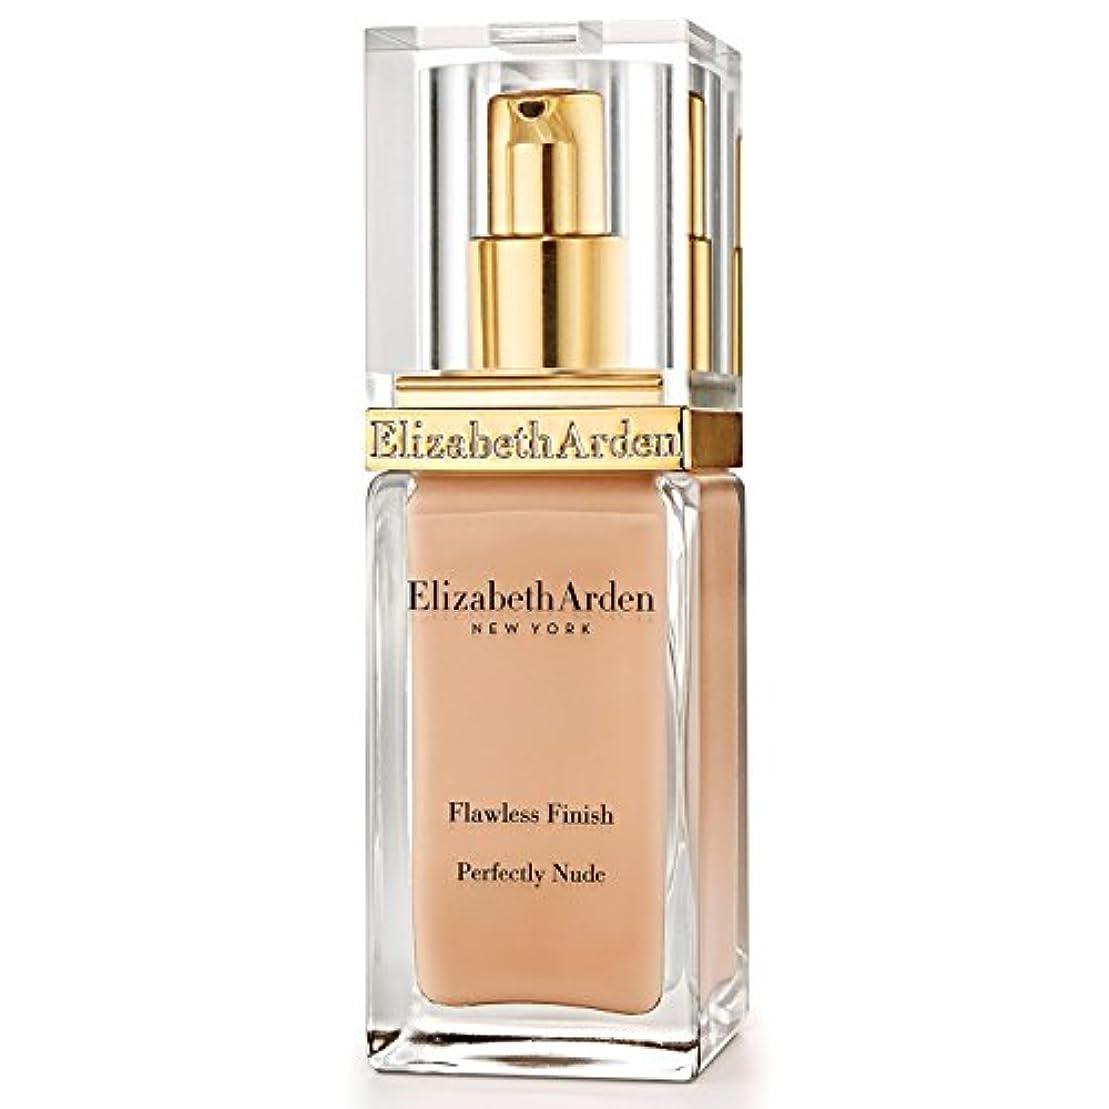 悪用移植わがままエリザベスアーデン完璧な仕上がり完璧ヌードファンデーション 15スパイス x4 - Elizabeth Arden Flawless Finish Perfectly Nude Foundation SPF 15 Spice (Pack of 4) [並行輸入品]